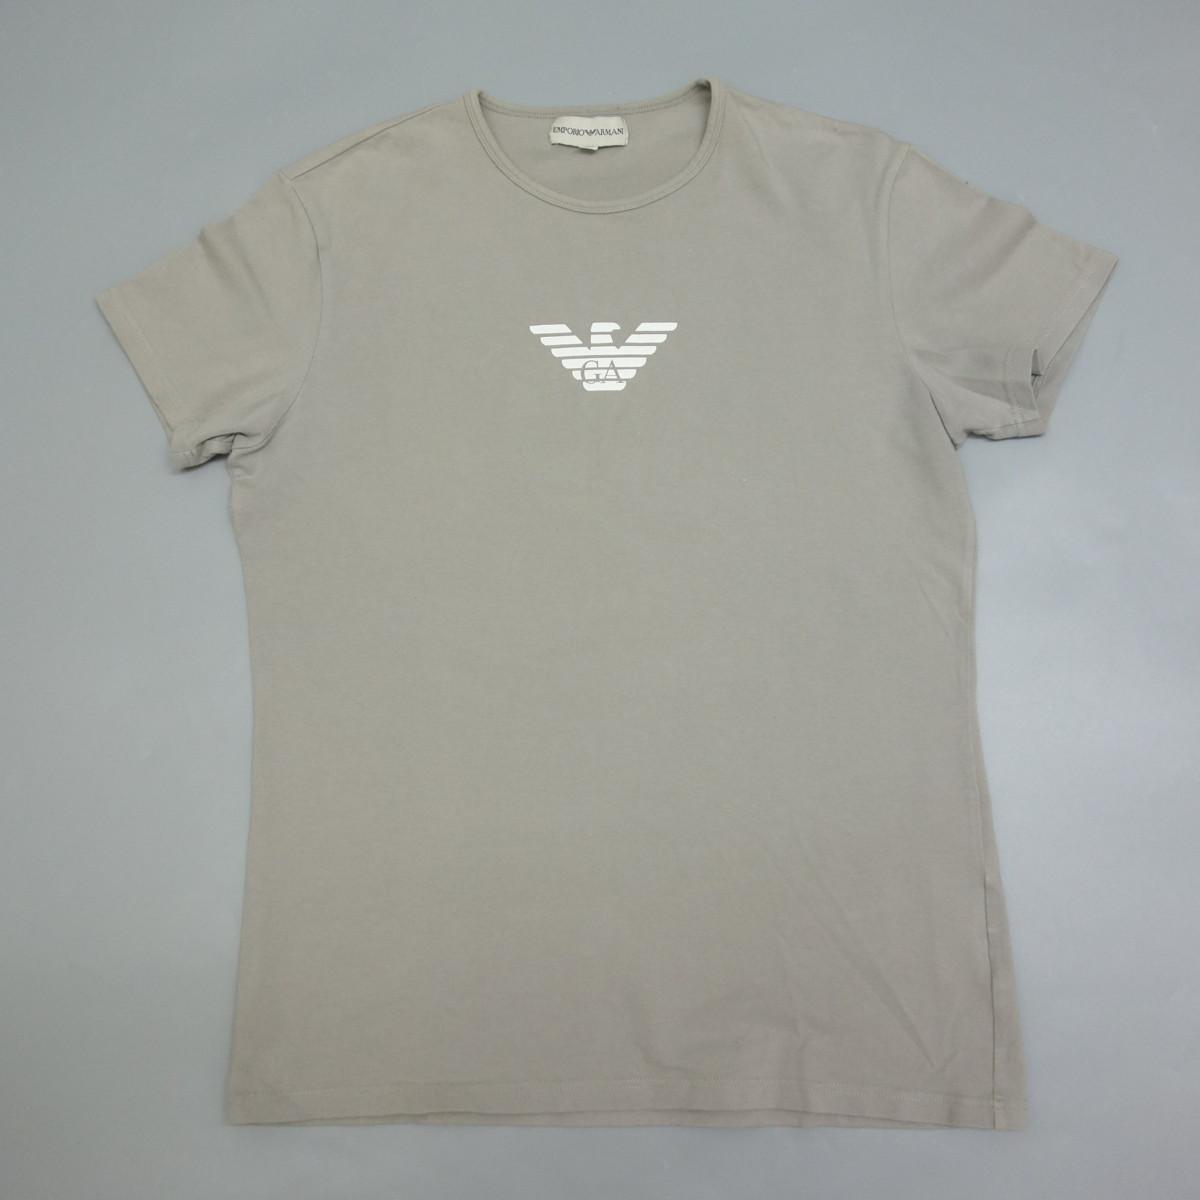 1円 EMPORIO ARMANI エンポリオアルマーニ 日本製 ロゴプリントストレッチ半袖Tシャツ ブラウン系 XXL メンズ